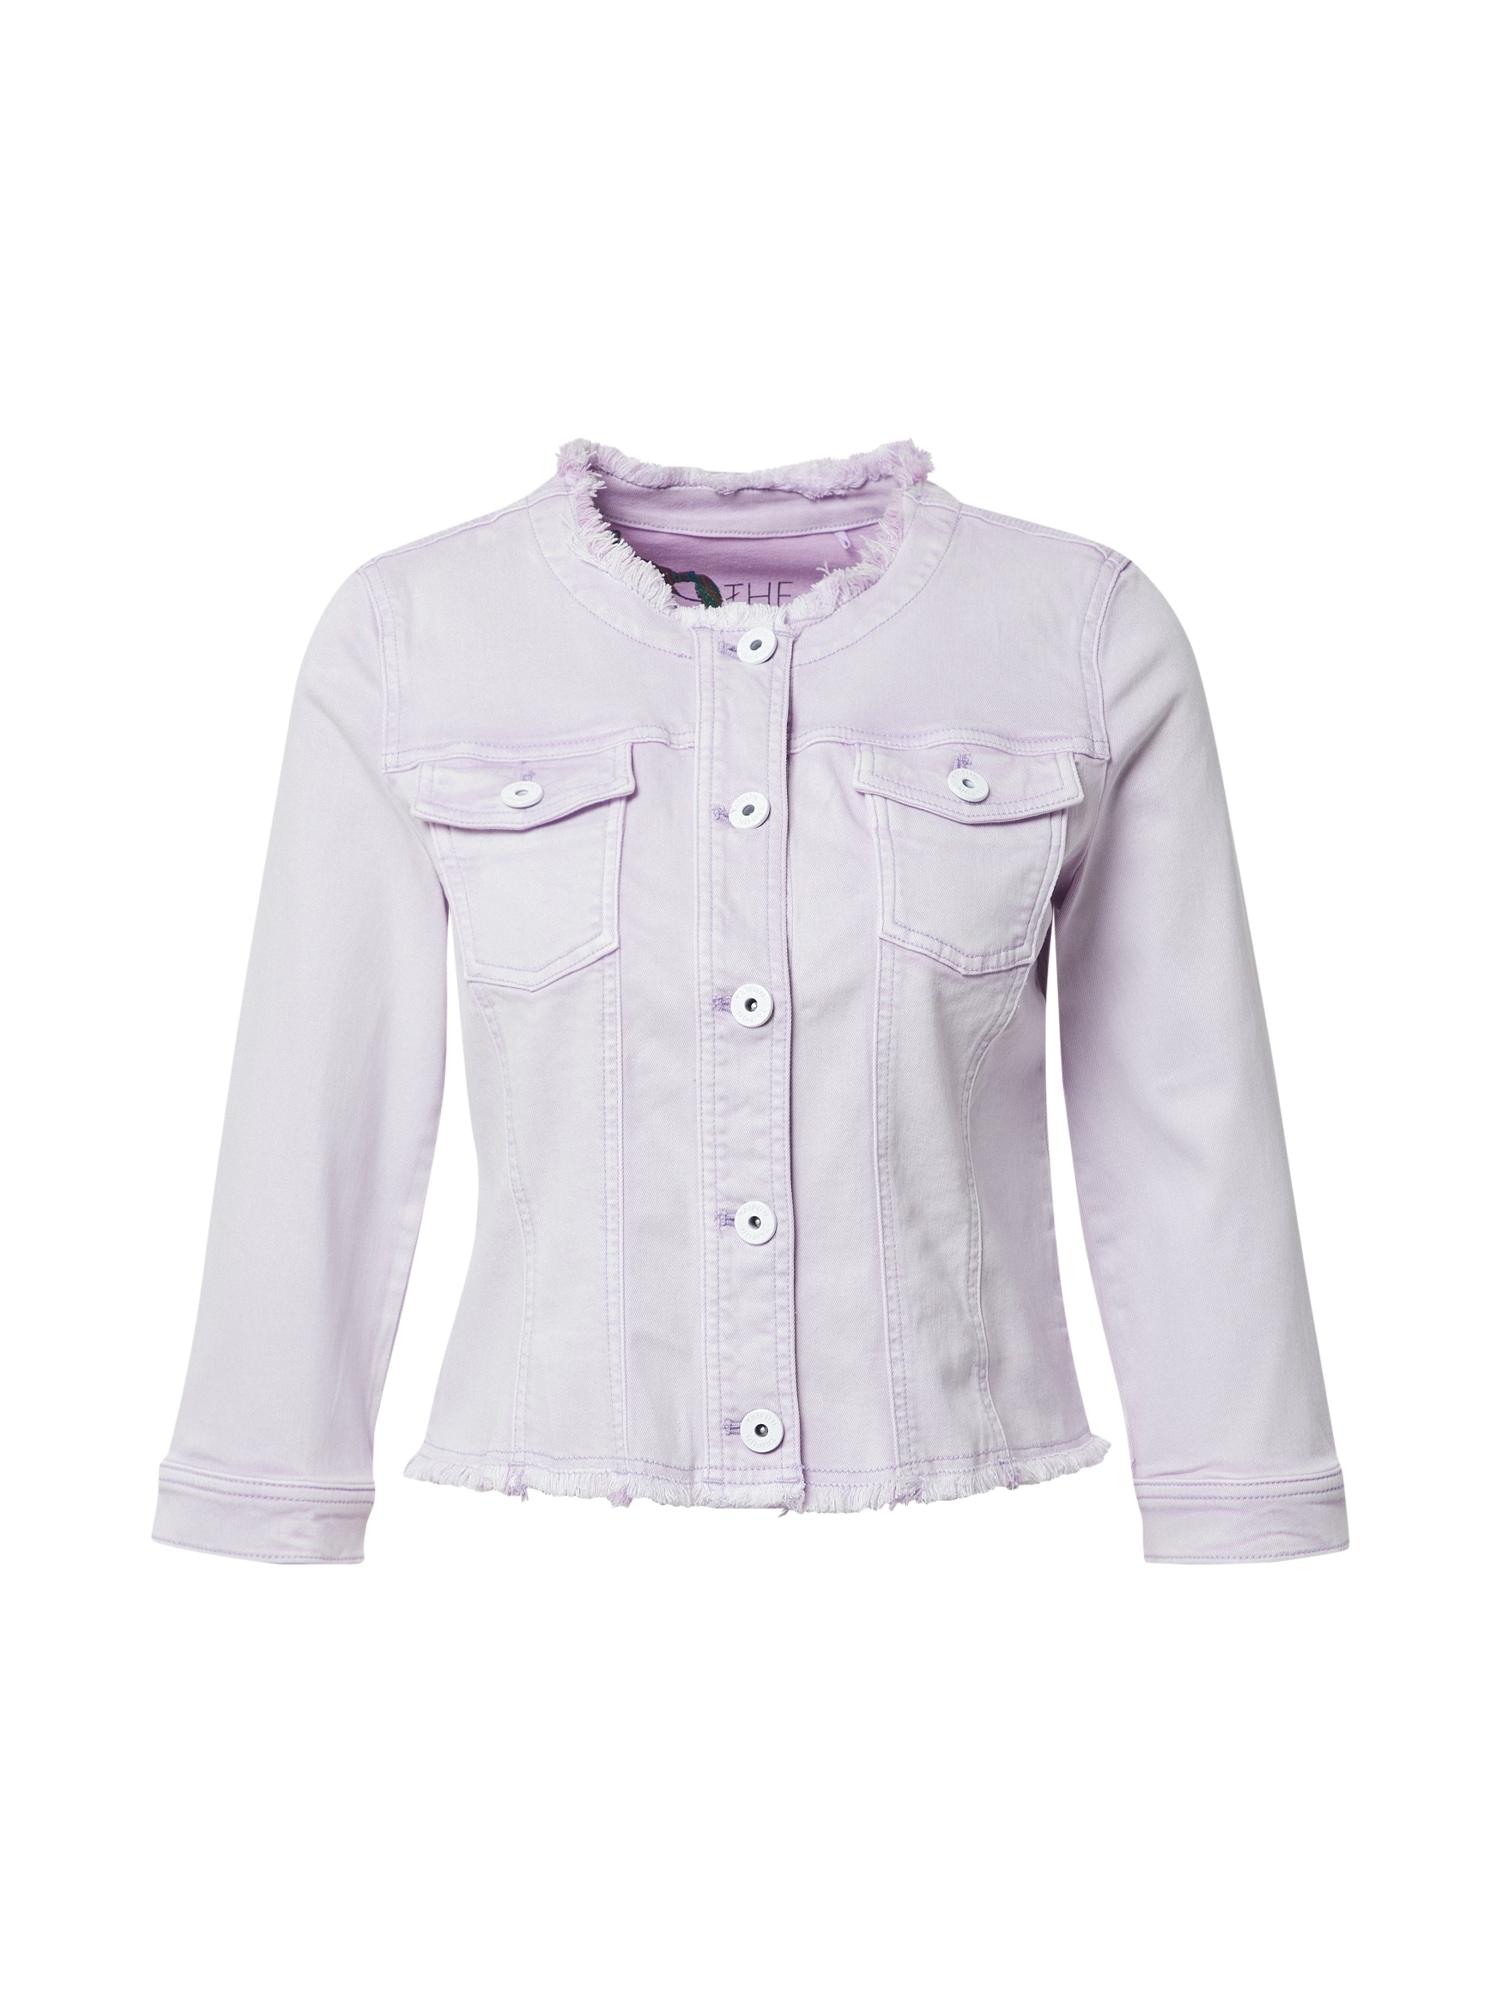 TAIFUN Demisezoninė striukė šviesiai violetinė